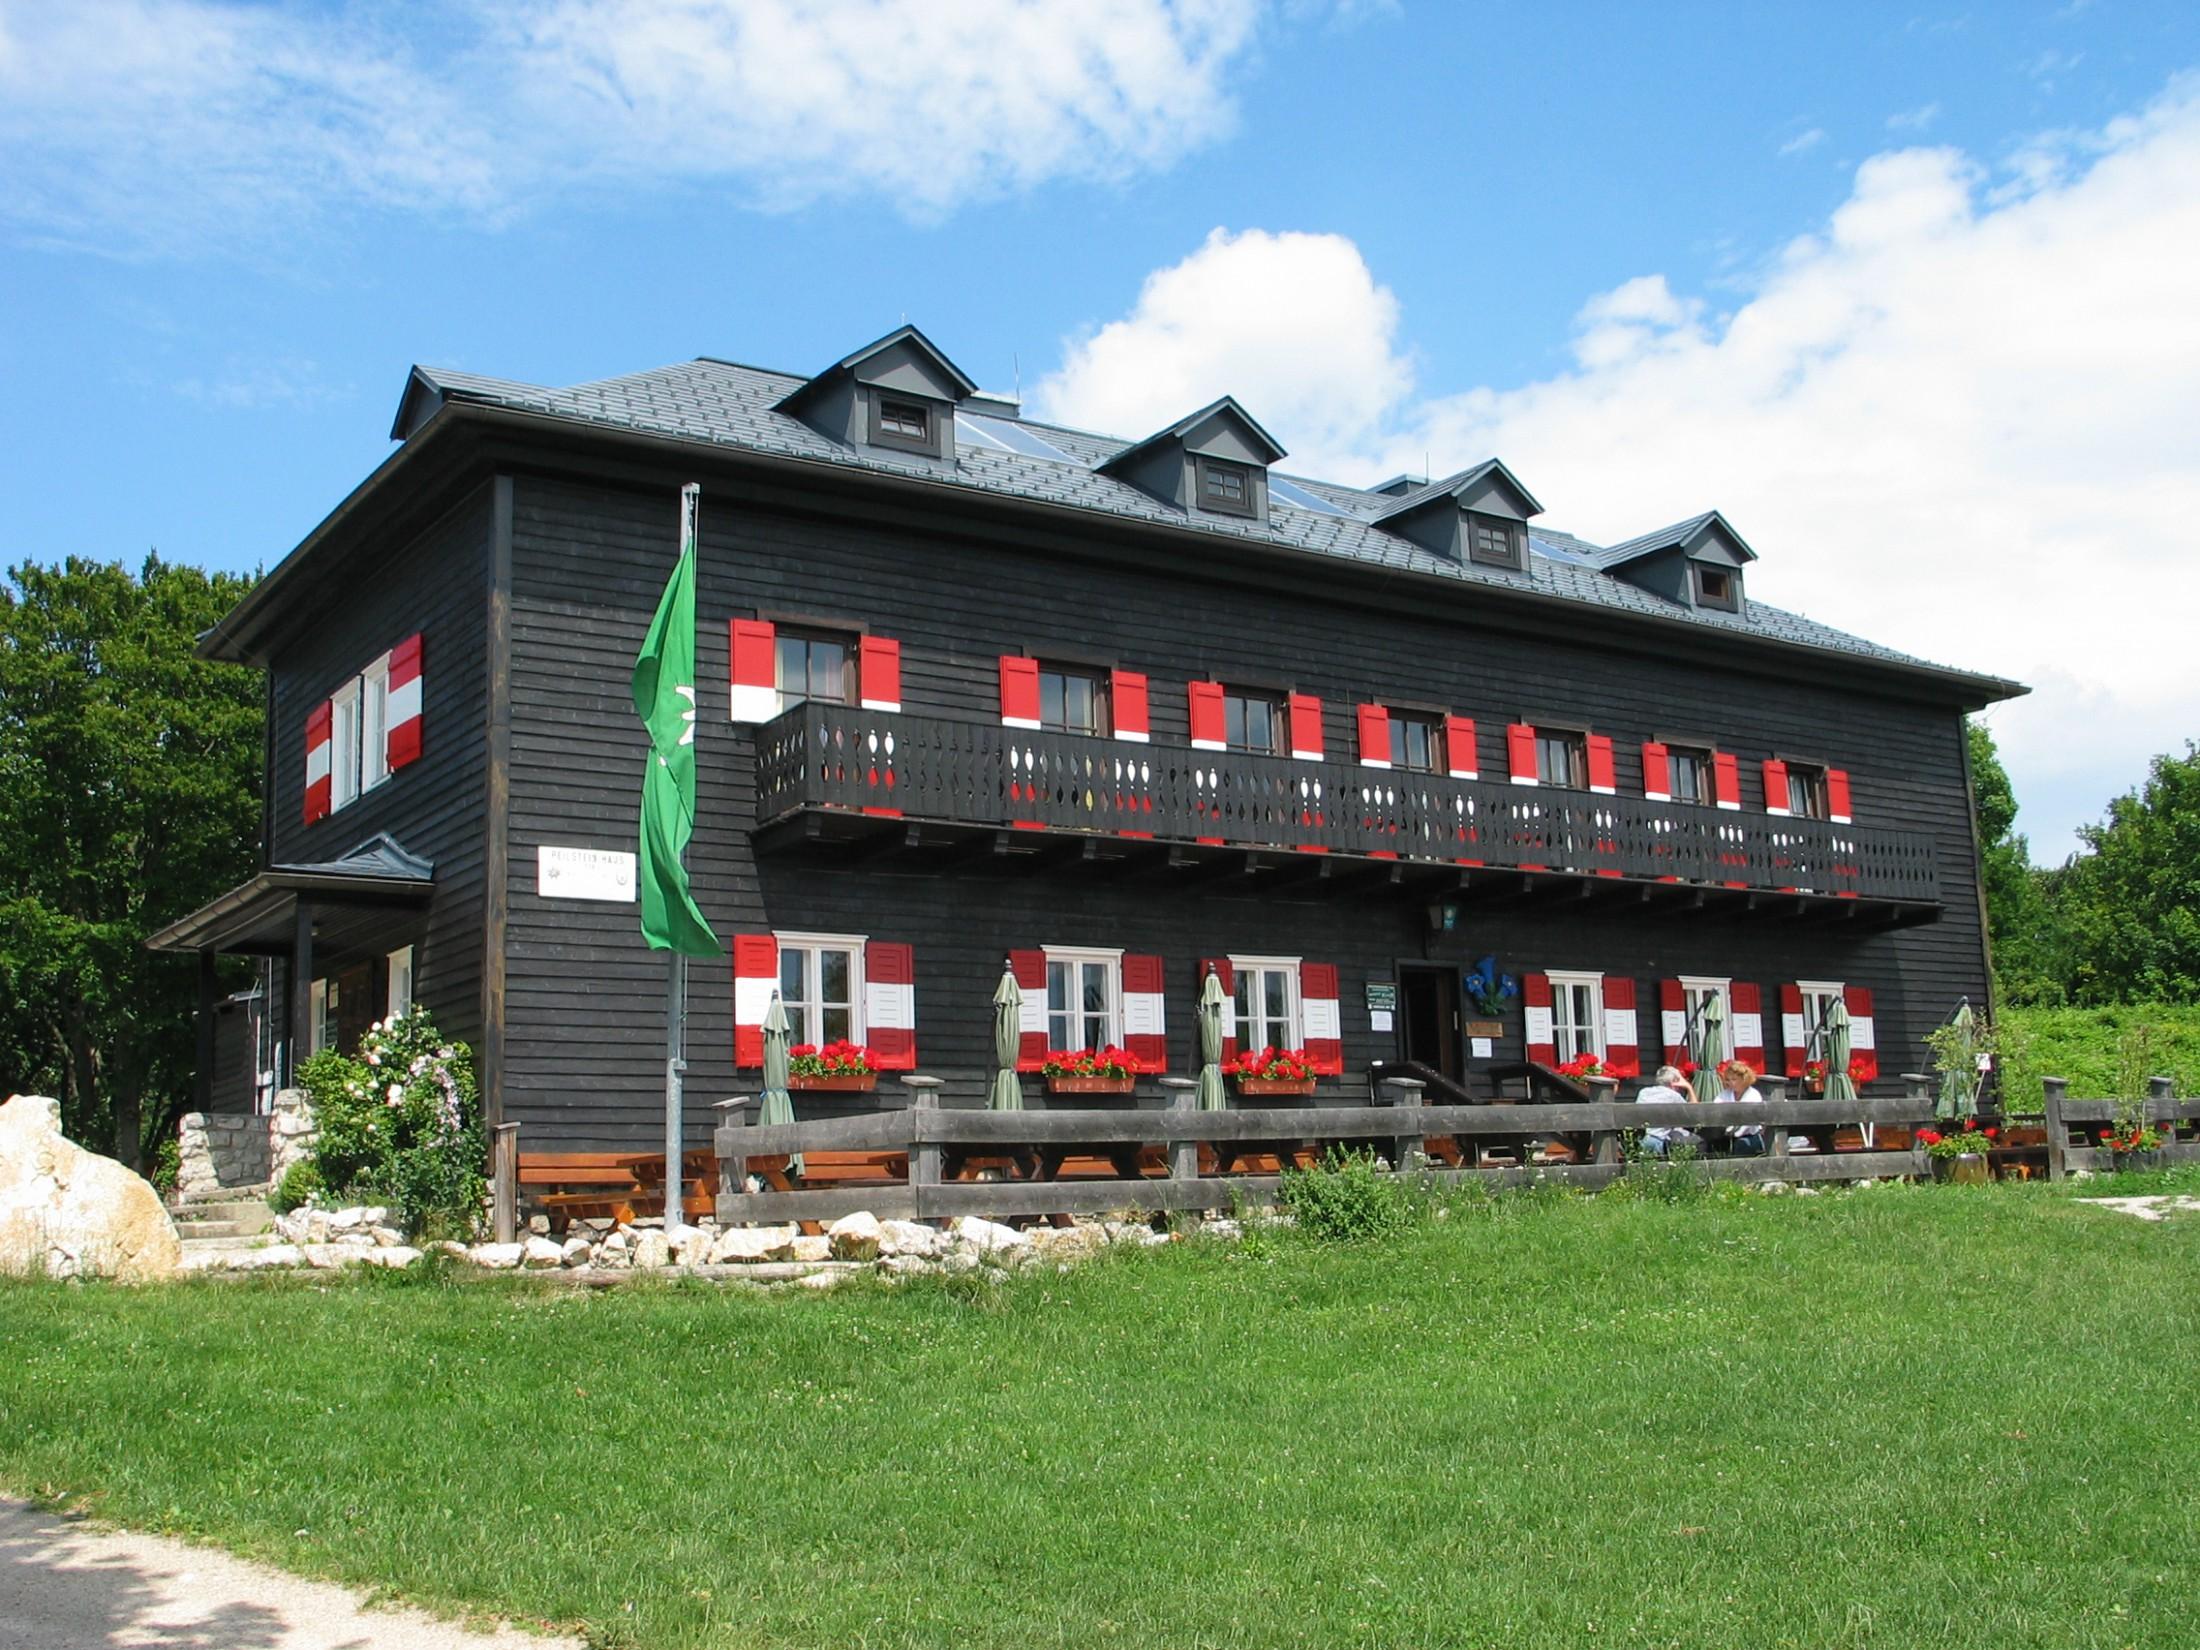 Gebirgsverein-Hüttenrätsel im November